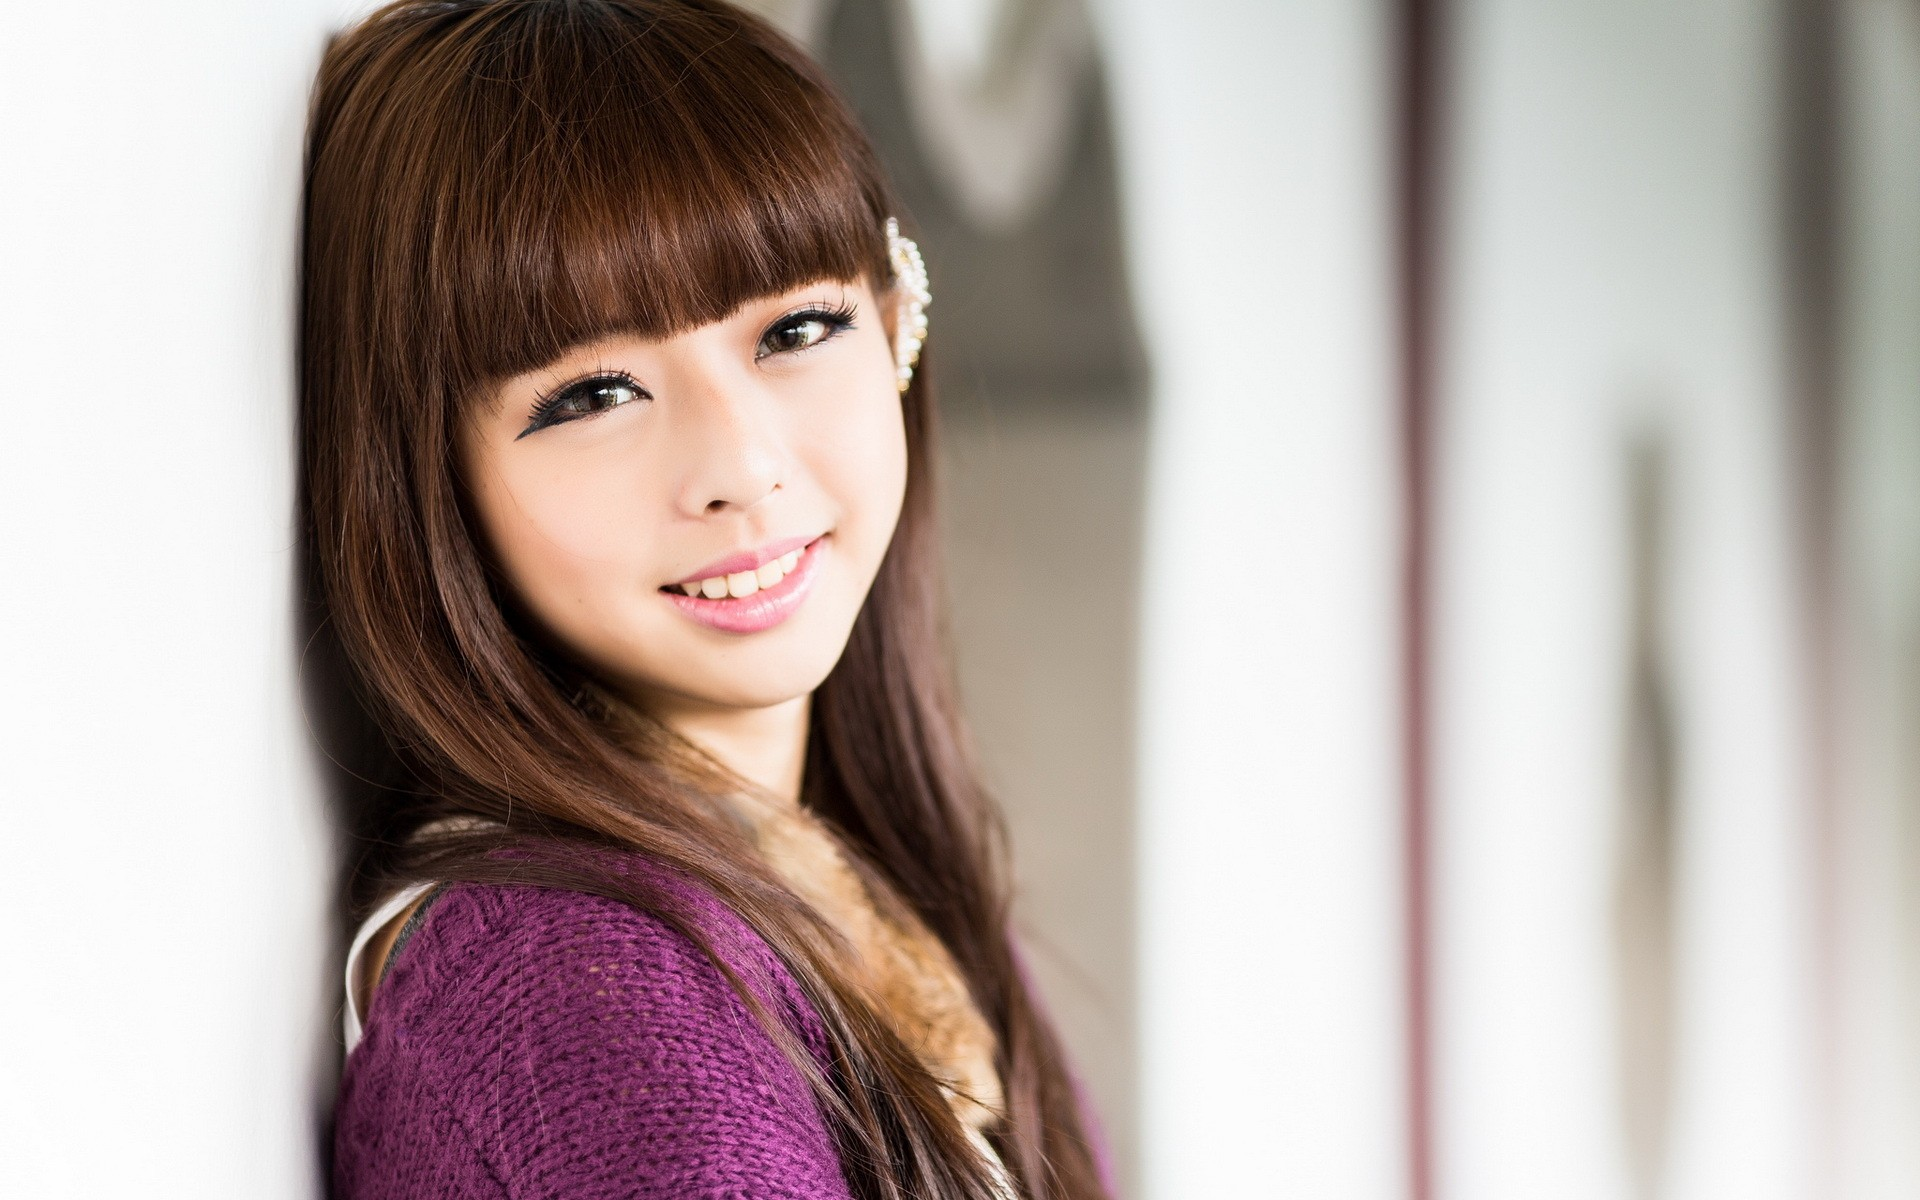 Bello rostro asiático - 1920x1200